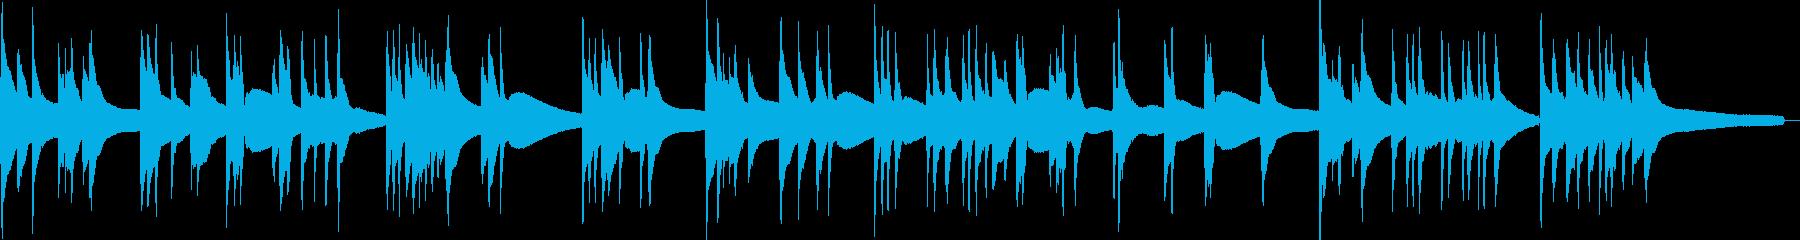 渋いアコースティックベースソロ曲2の再生済みの波形